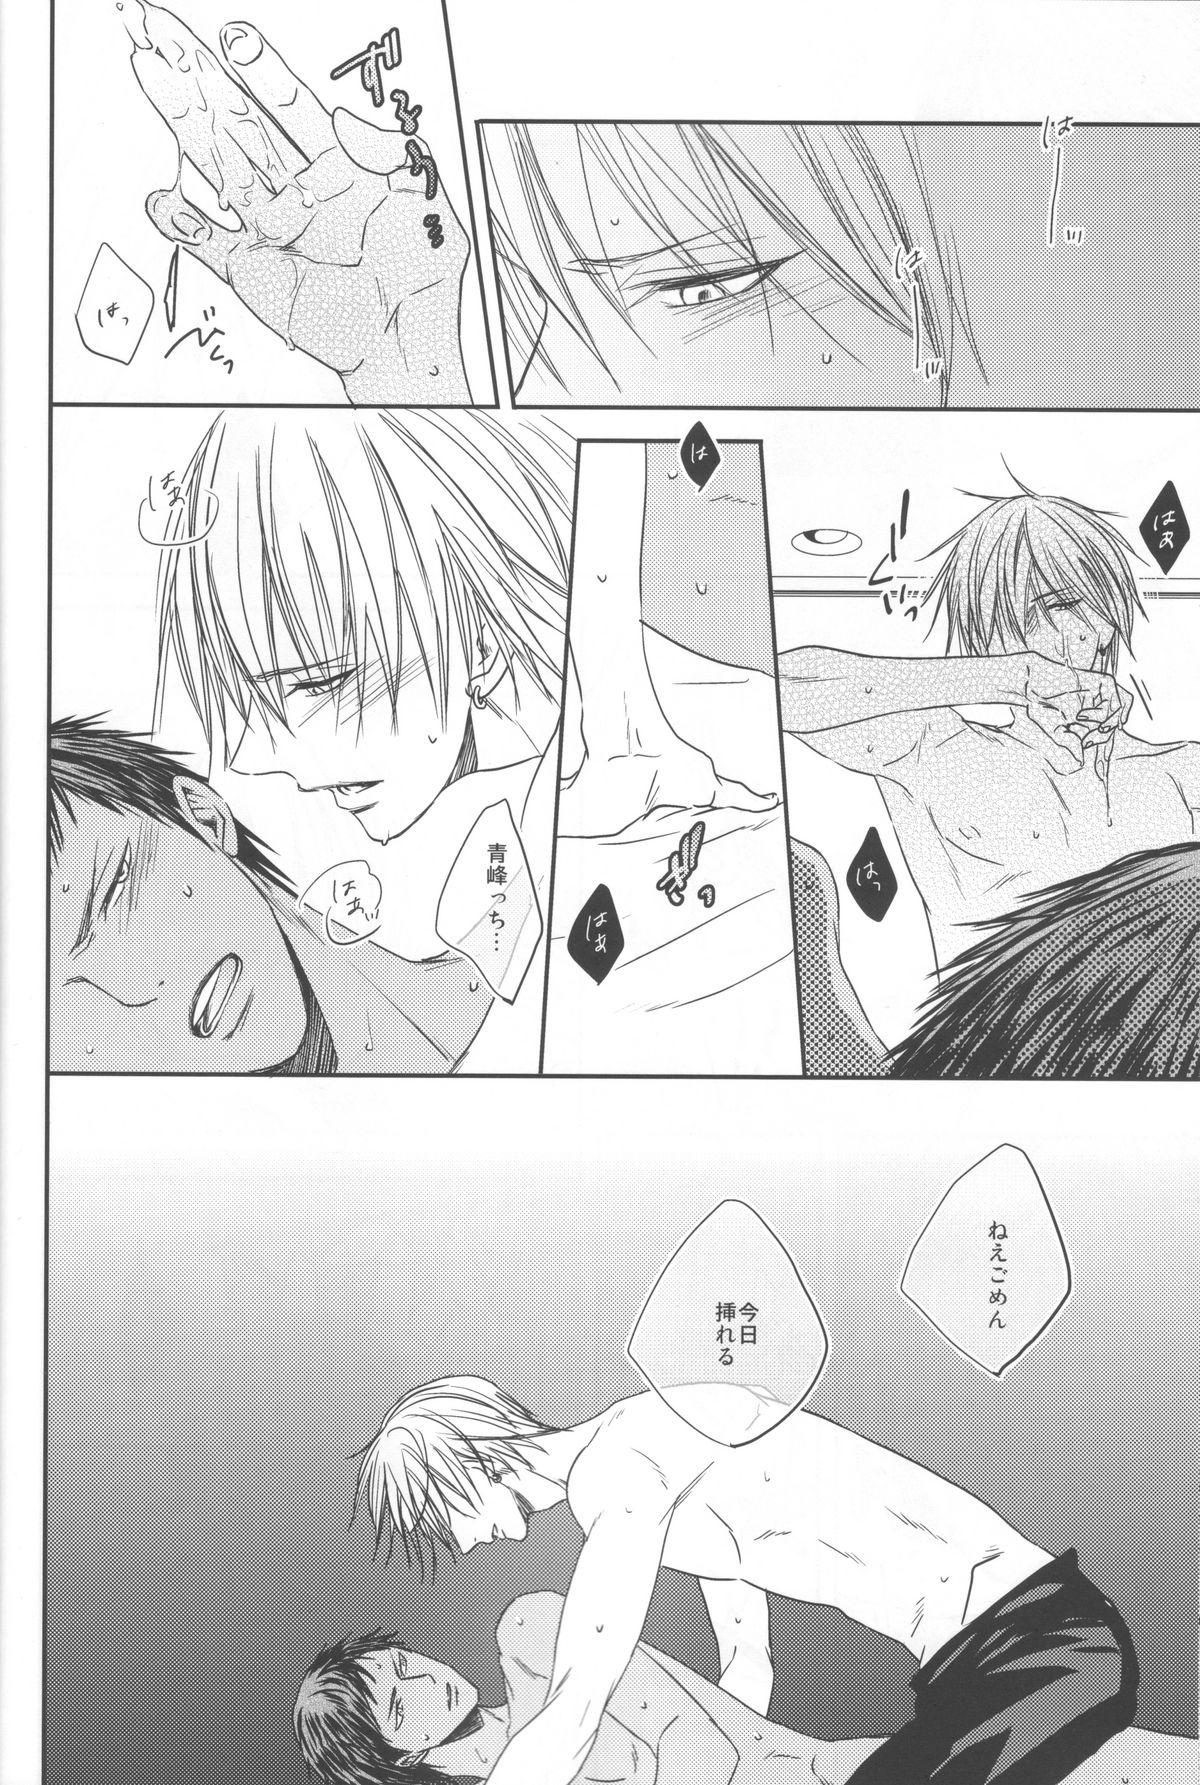 Nakayoshissu! 15